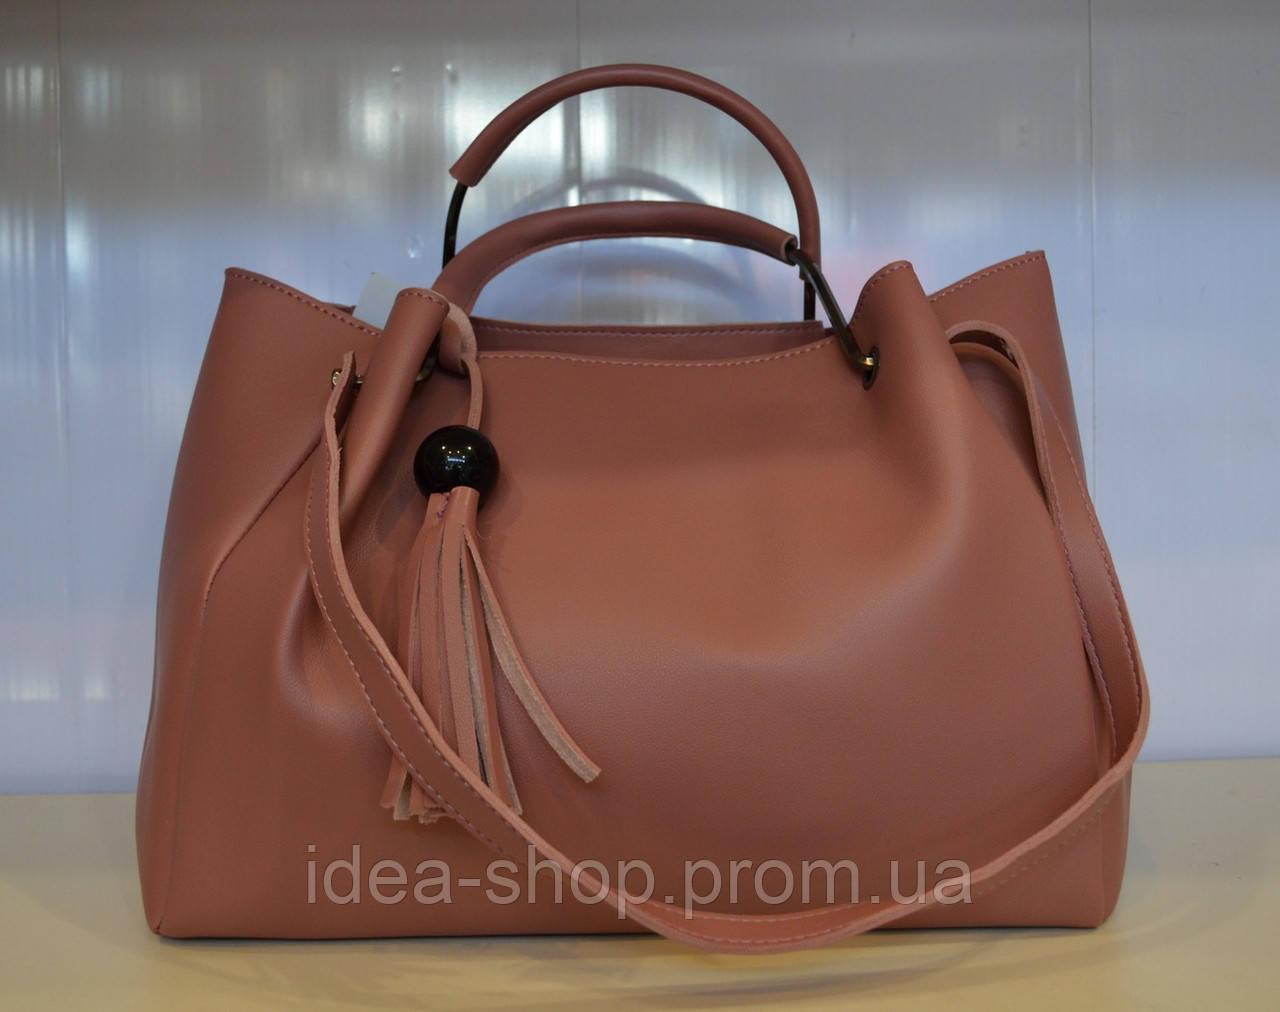 778d5cce7aa7 Женская сумка шоппер из мягкой эко кожи цвета пудры, цена 505 грн., купить  в Харькове — Prom.ua (ID#555634952)